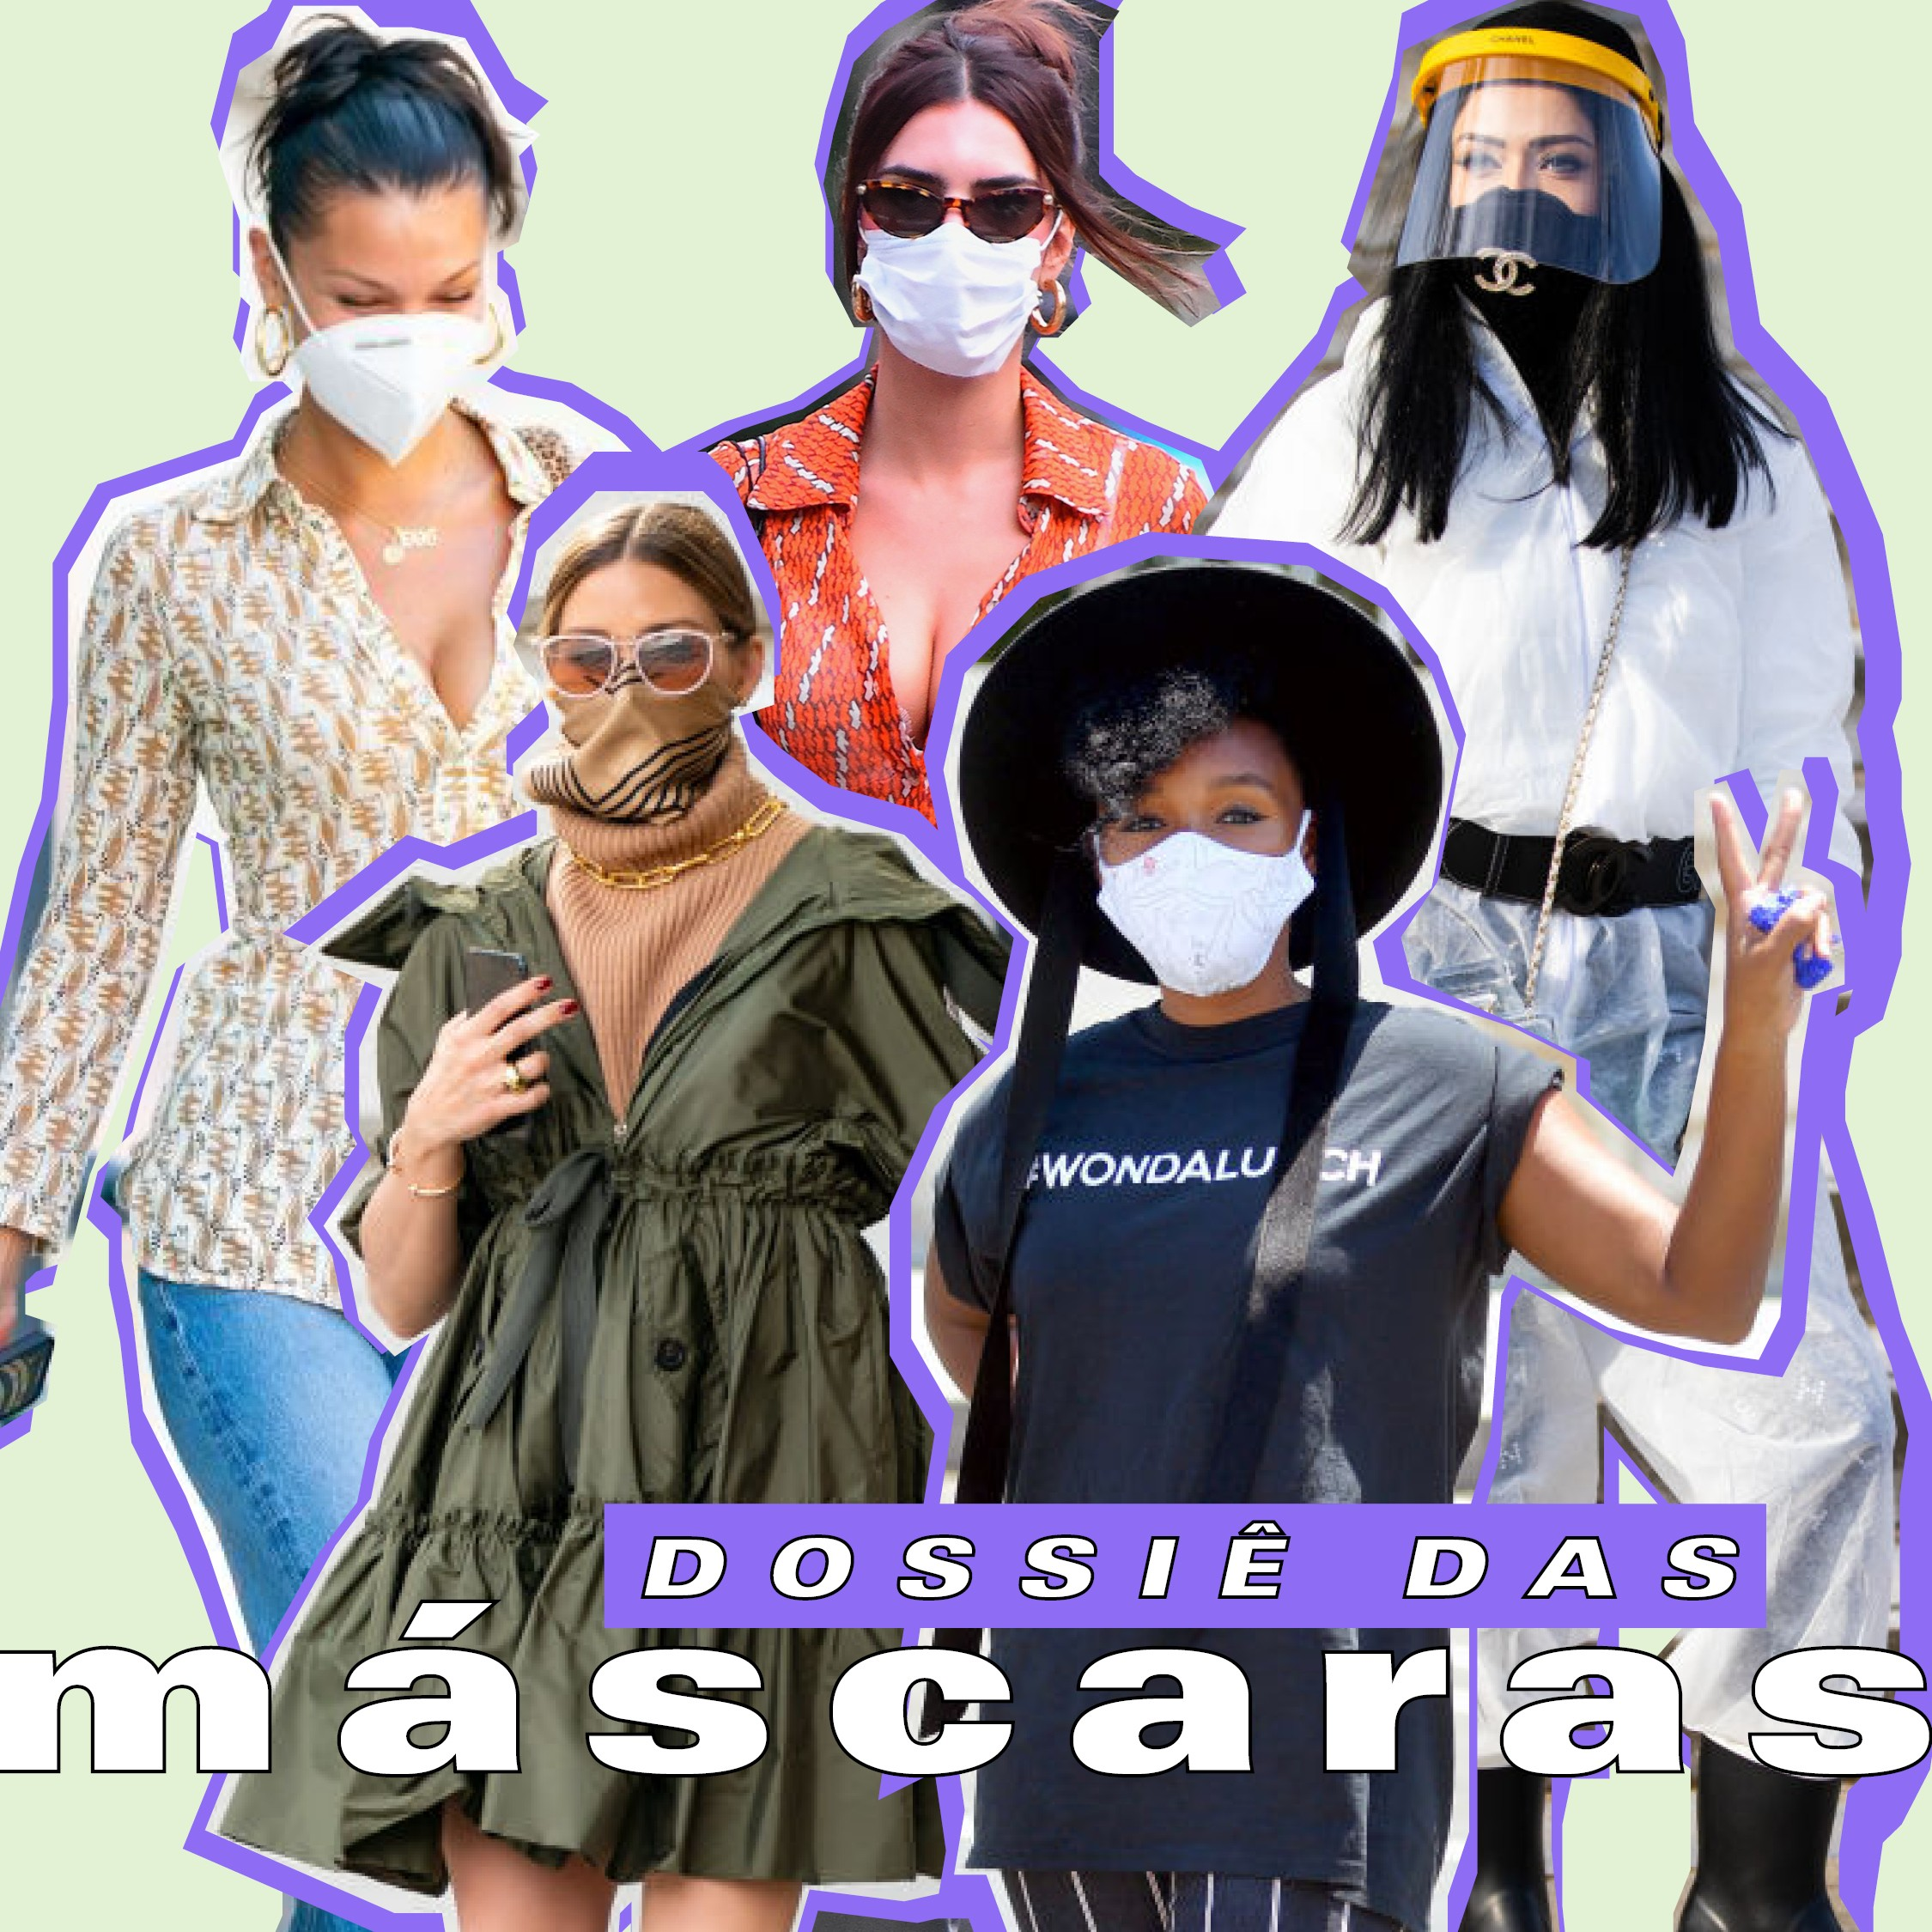 Máscaras - como usar? (Foto: Arte: Victoria Polak)